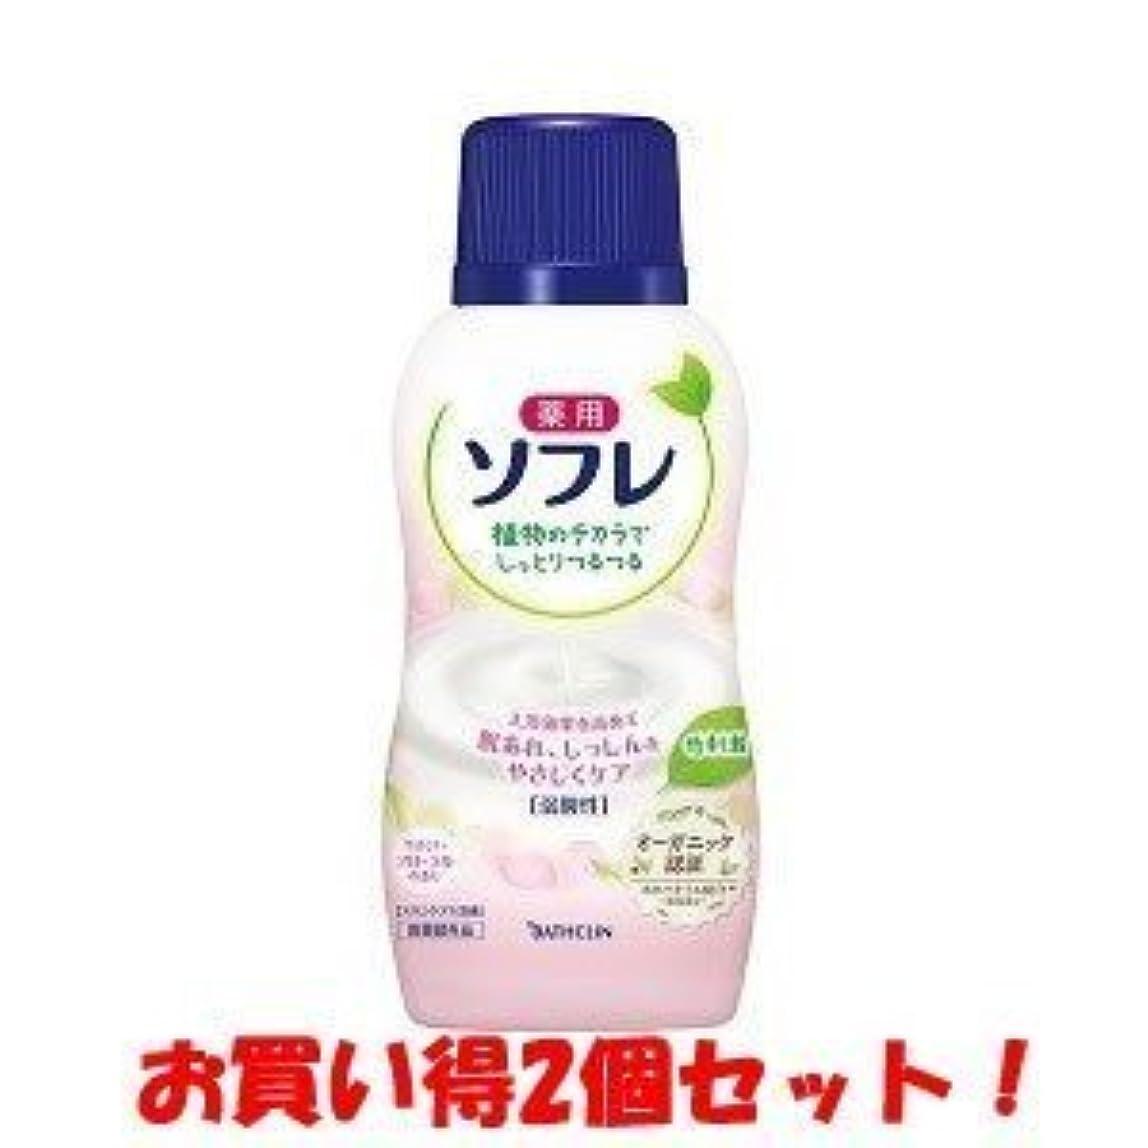 同情花今(バスクリン)薬用ソフレ スキンケア入浴液 やさしいフローラル香り 720ml(医薬部外品)(お買い得2個セット)